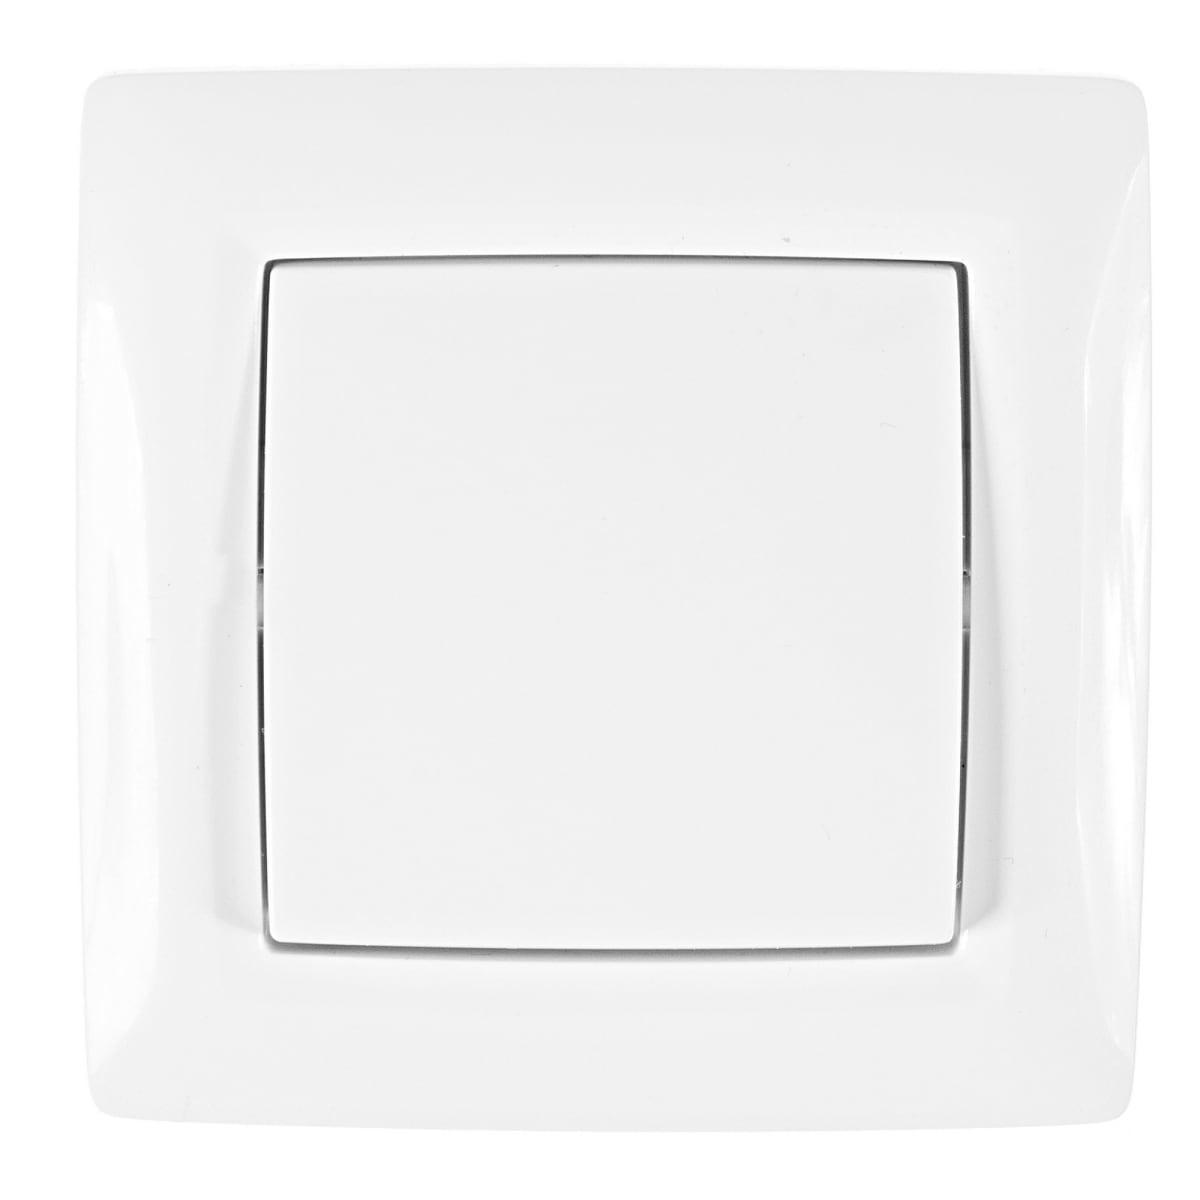 Выключатель встраиваемый Reone 1 клавиша, цвет белый